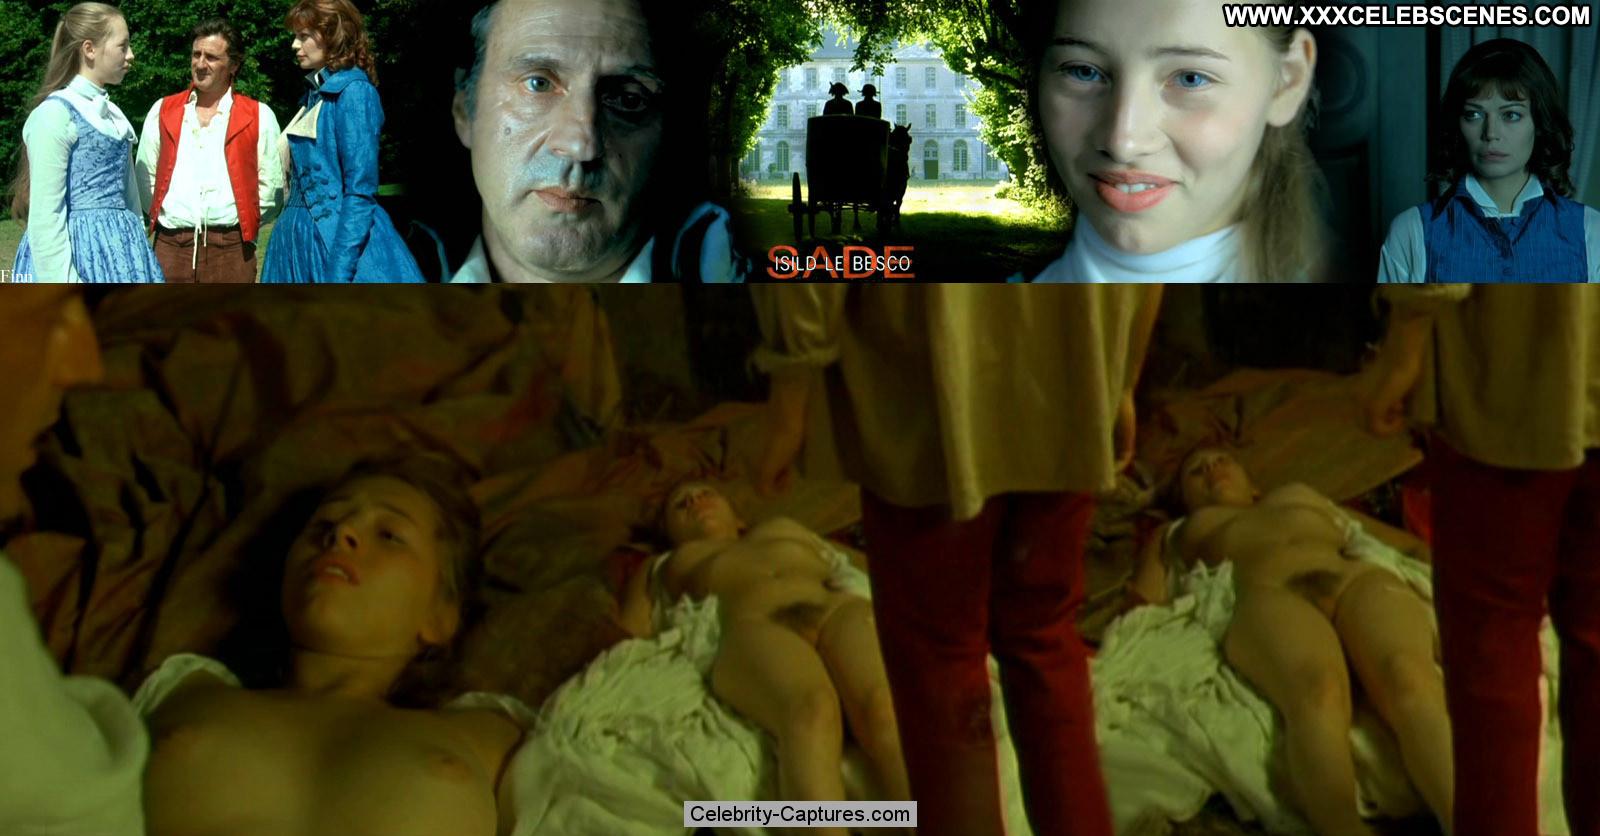 Isild le besco sex scene, trap trans nude gif